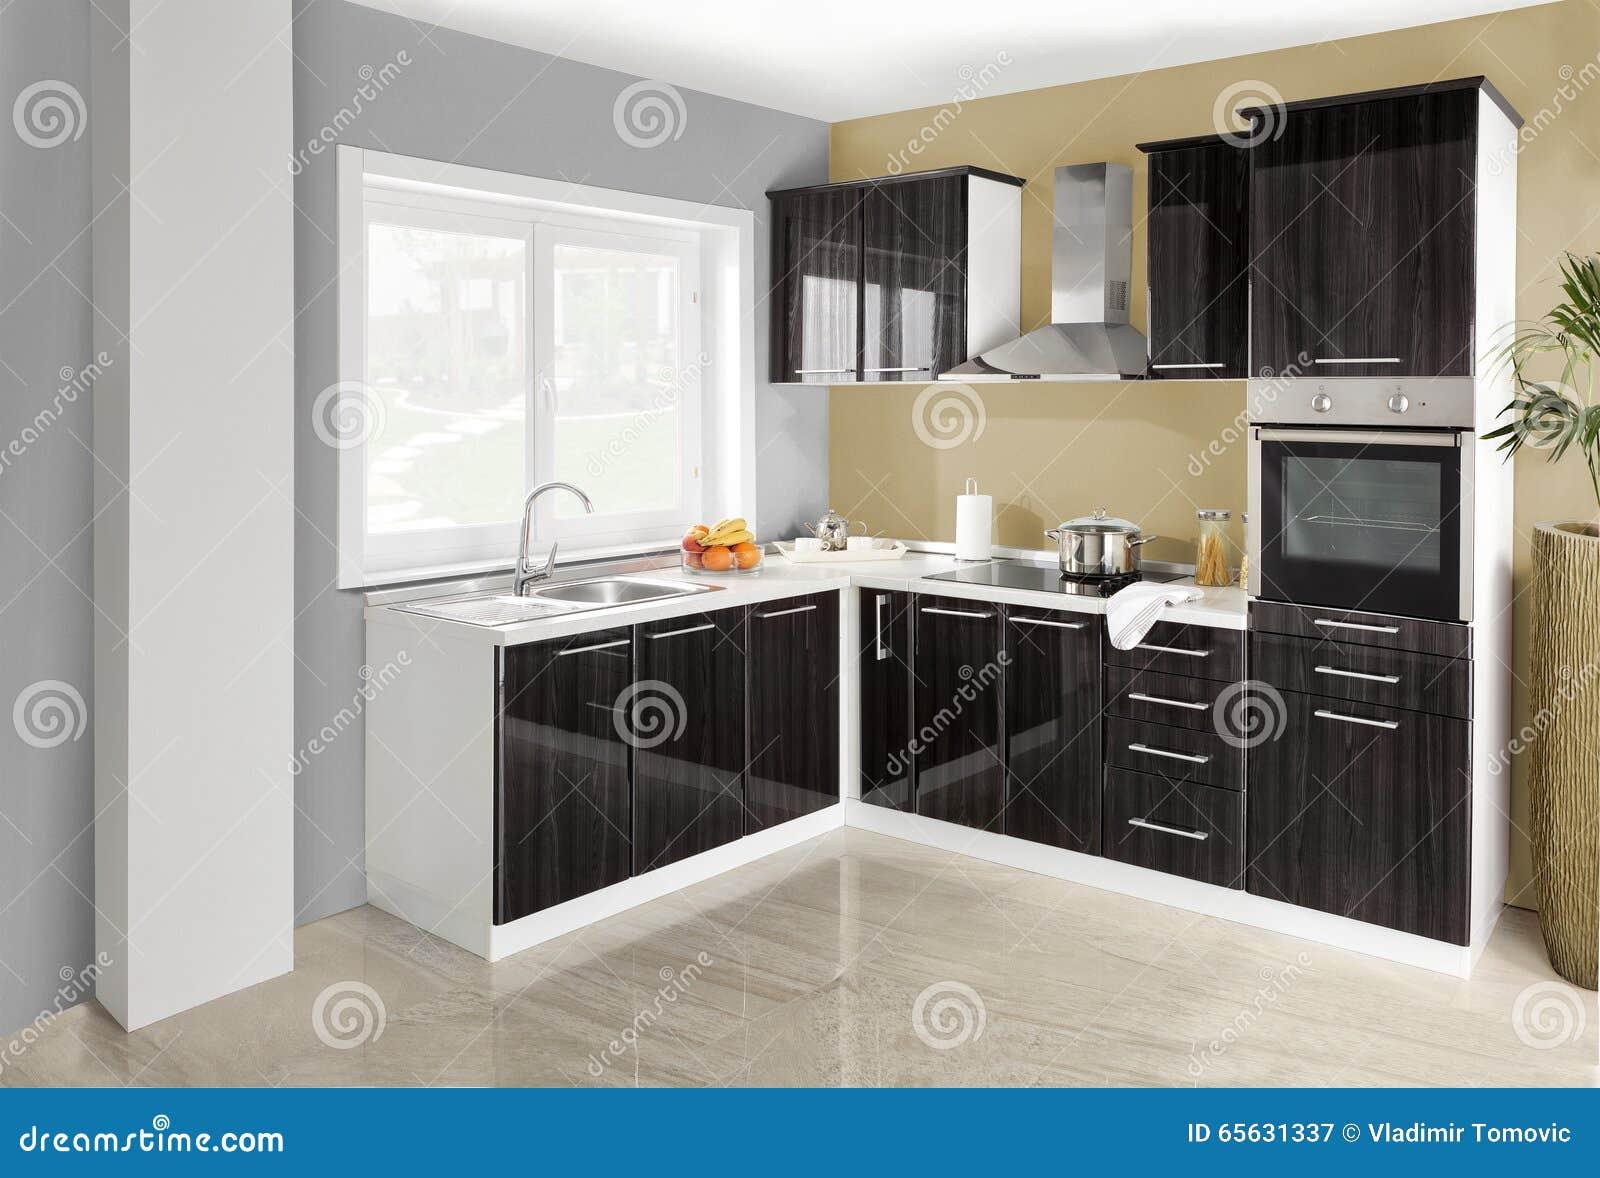 Interiore Di Una Cucina Moderna, Mobilia Di Legno, Semplice E Pulito ...